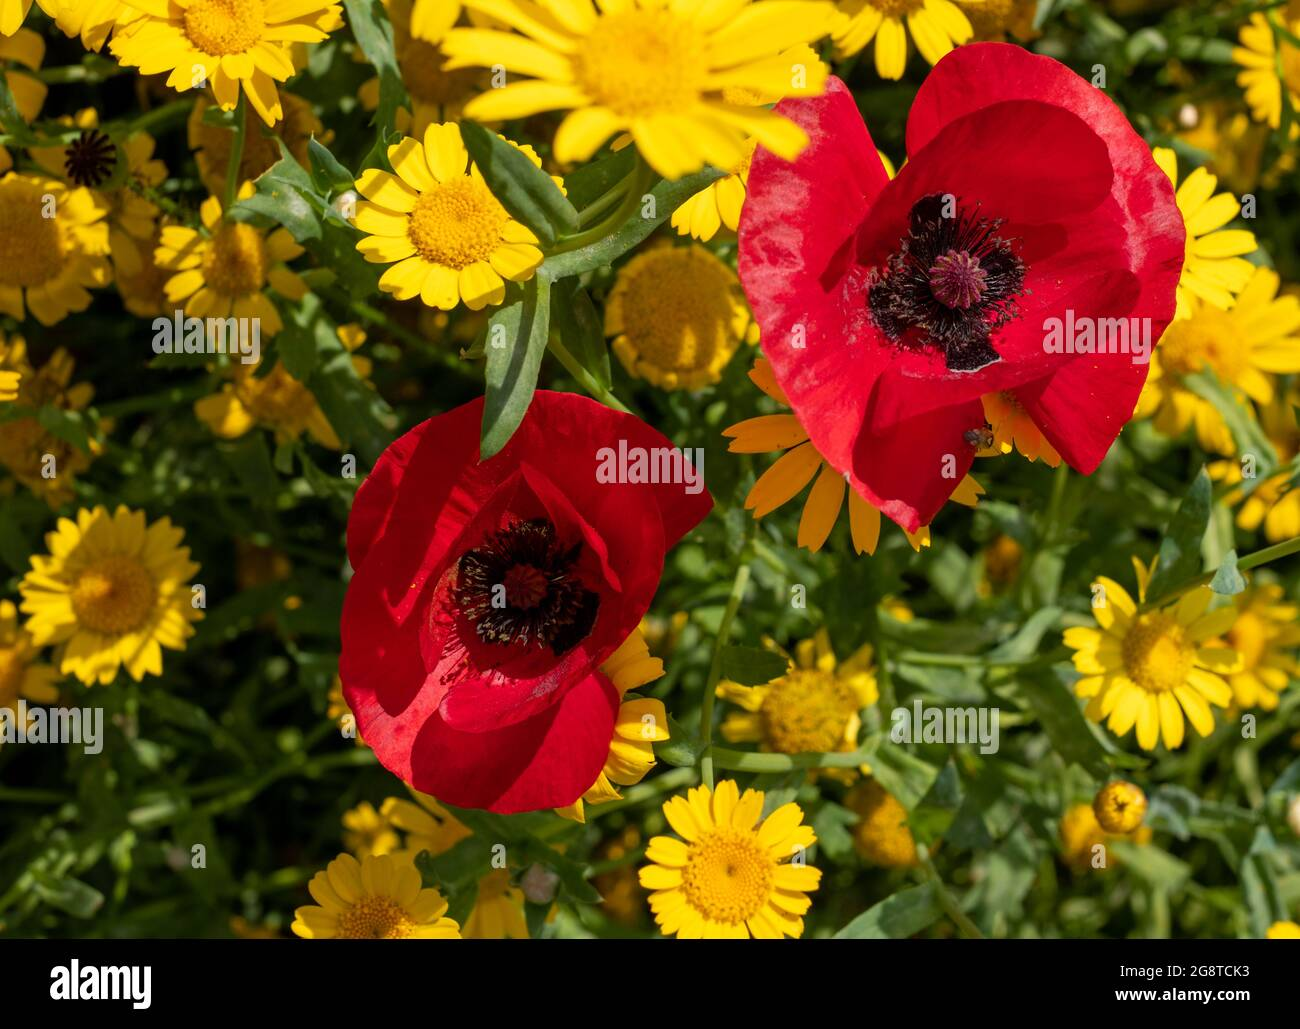 Variété de fleurs sauvages colorées, y compris le maïs jaune et les coquelicots rouges qui poussent dans l'herbe dans la zone de conservation de Pinn Meadows, Eastcote UK Banque D'Images